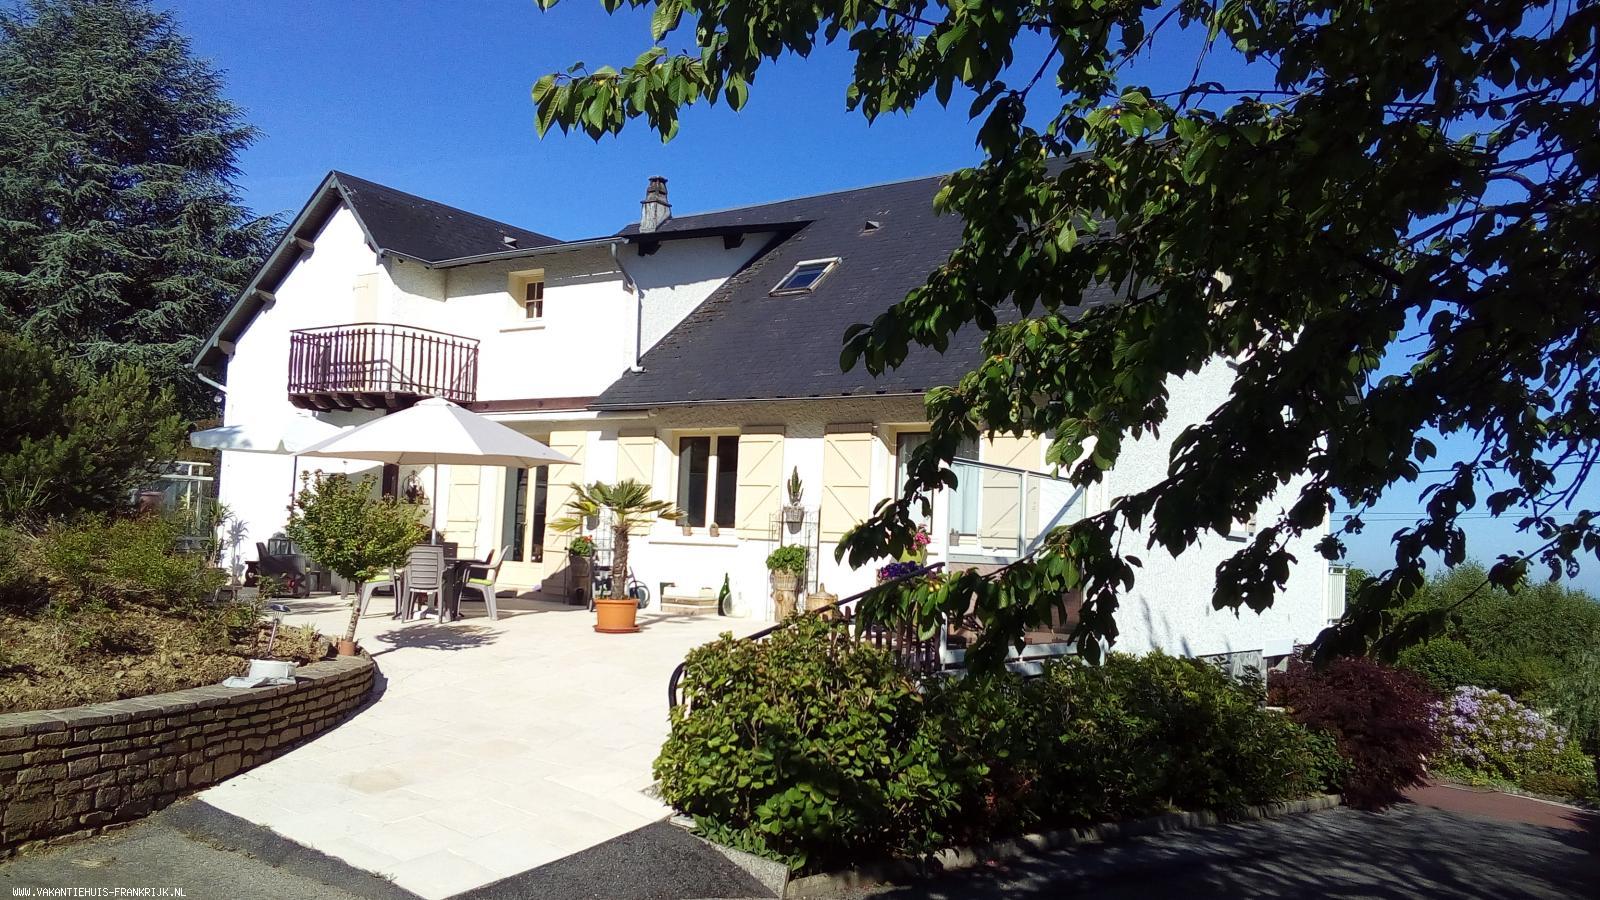 Vakantiehuis: Uw huis? Als woonhuis of vakantiehuis? Vrijstaand en adembenemend uitzicht met zwembad. te koop in Correze (Frankrijk)